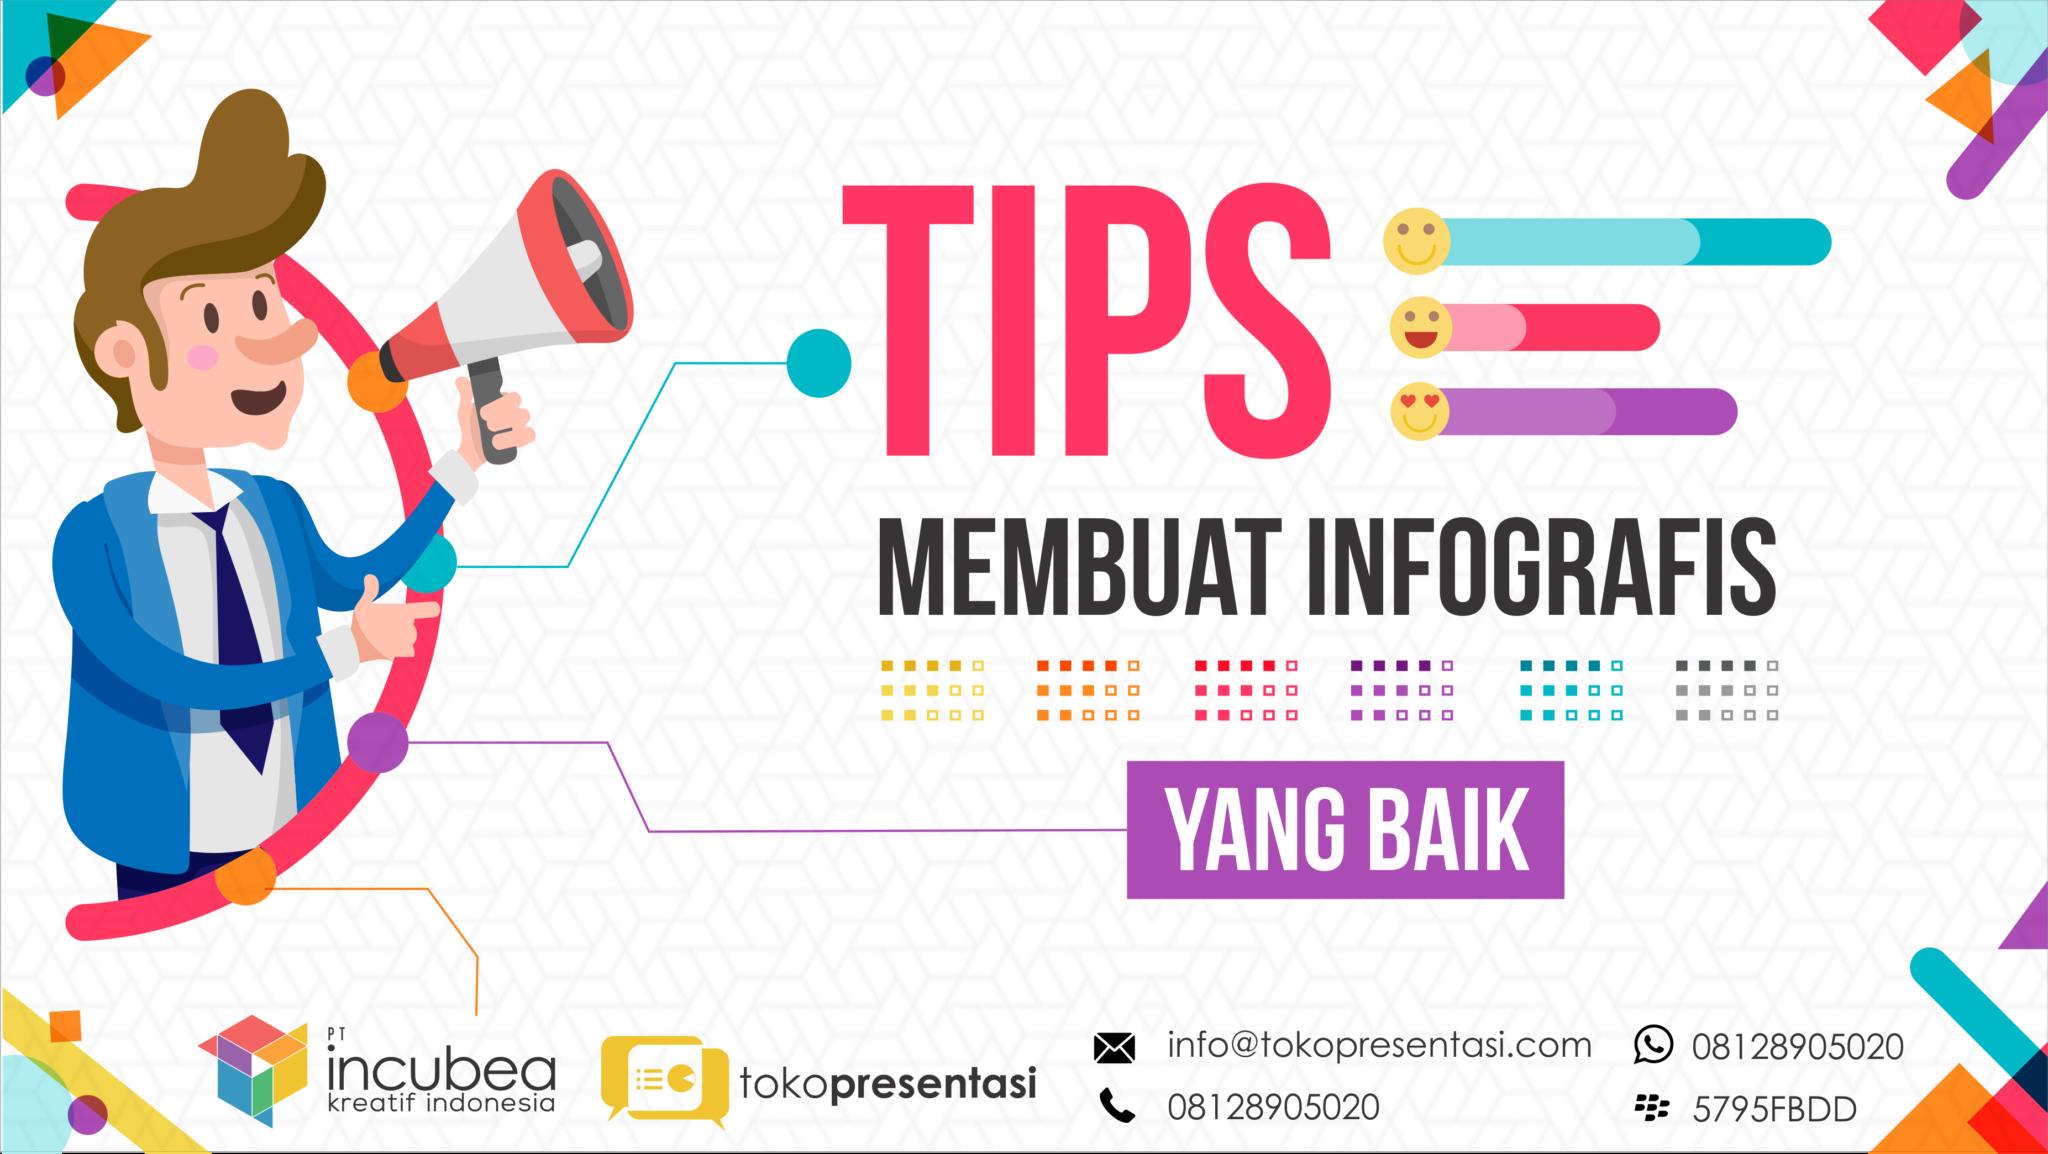 Tips Membuat Infografis yang Baik - Tokopresentasi